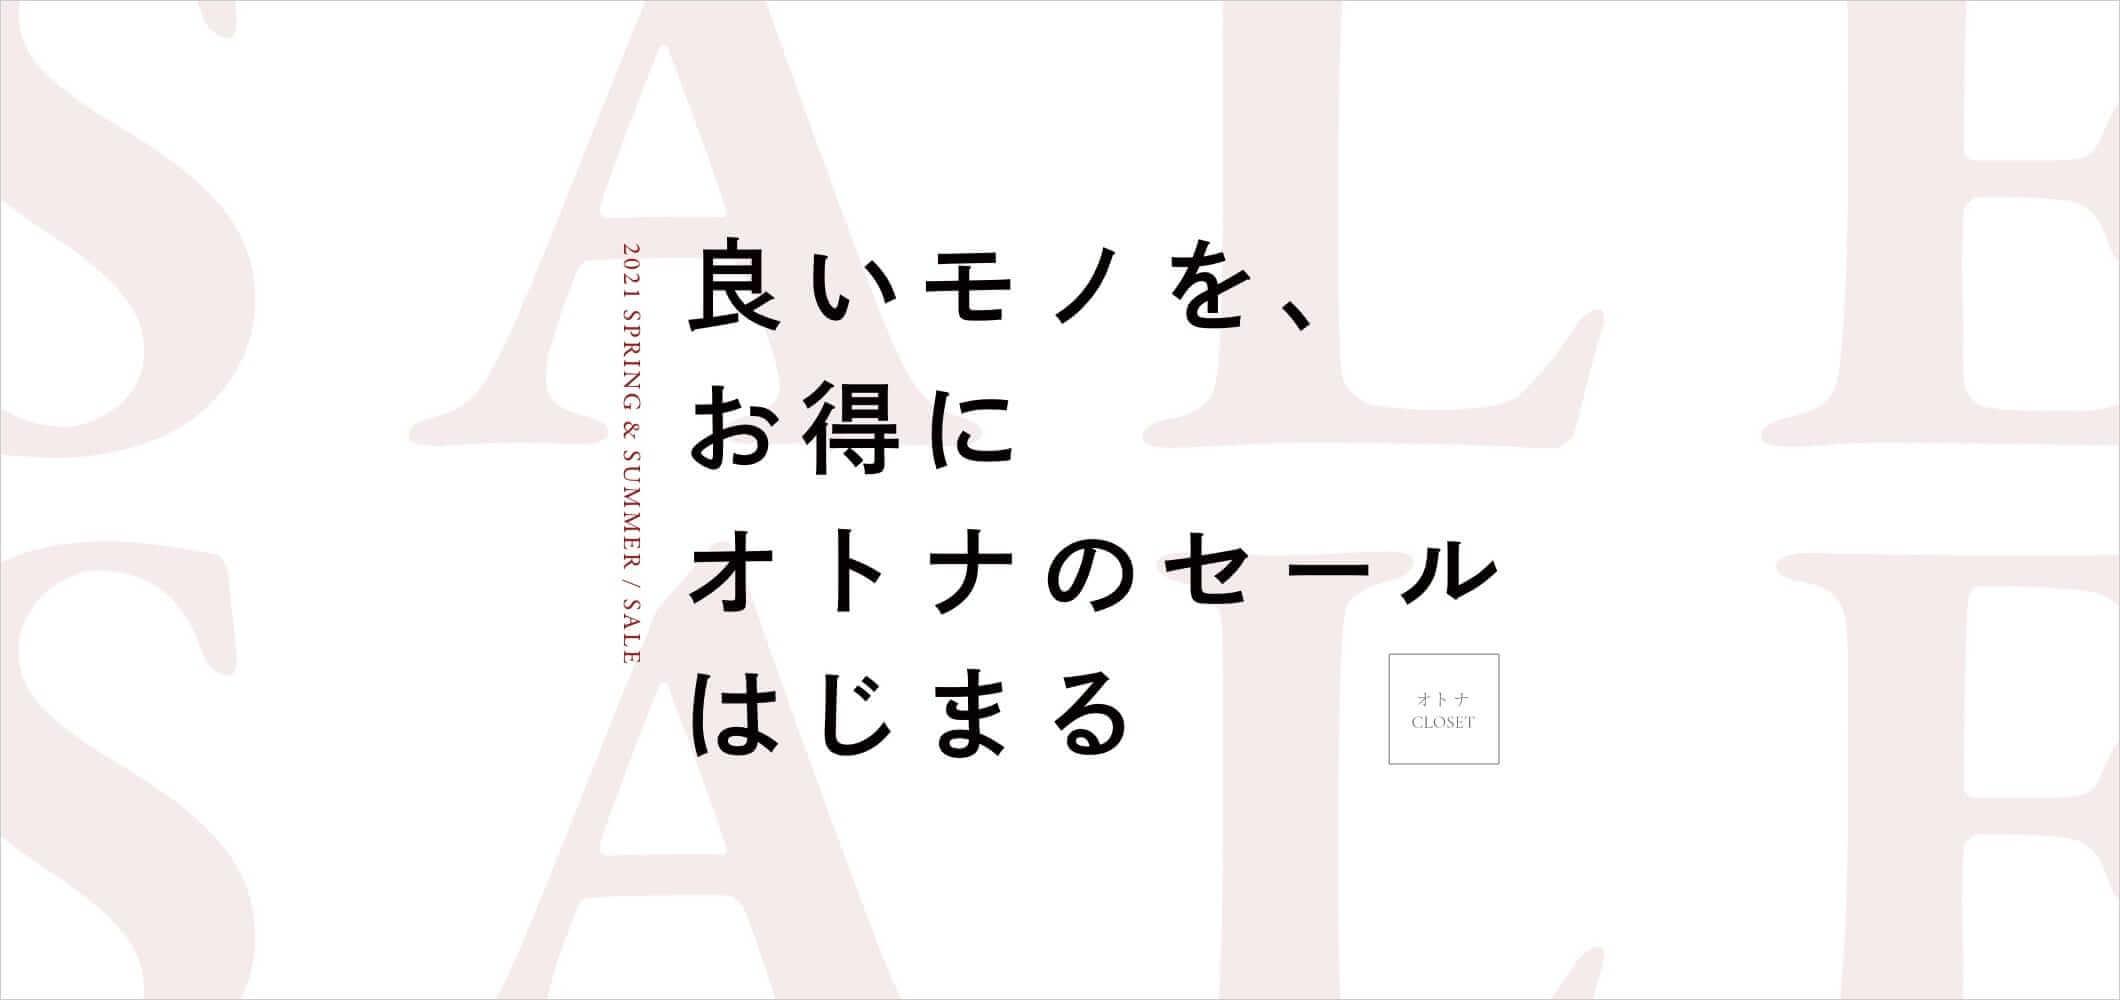 インテリア・雑貨 ファッション 商業施設・店舗 シンプル スタイリッシュ・おしゃれ セール 文字組み・文字だけのバナーデザイン